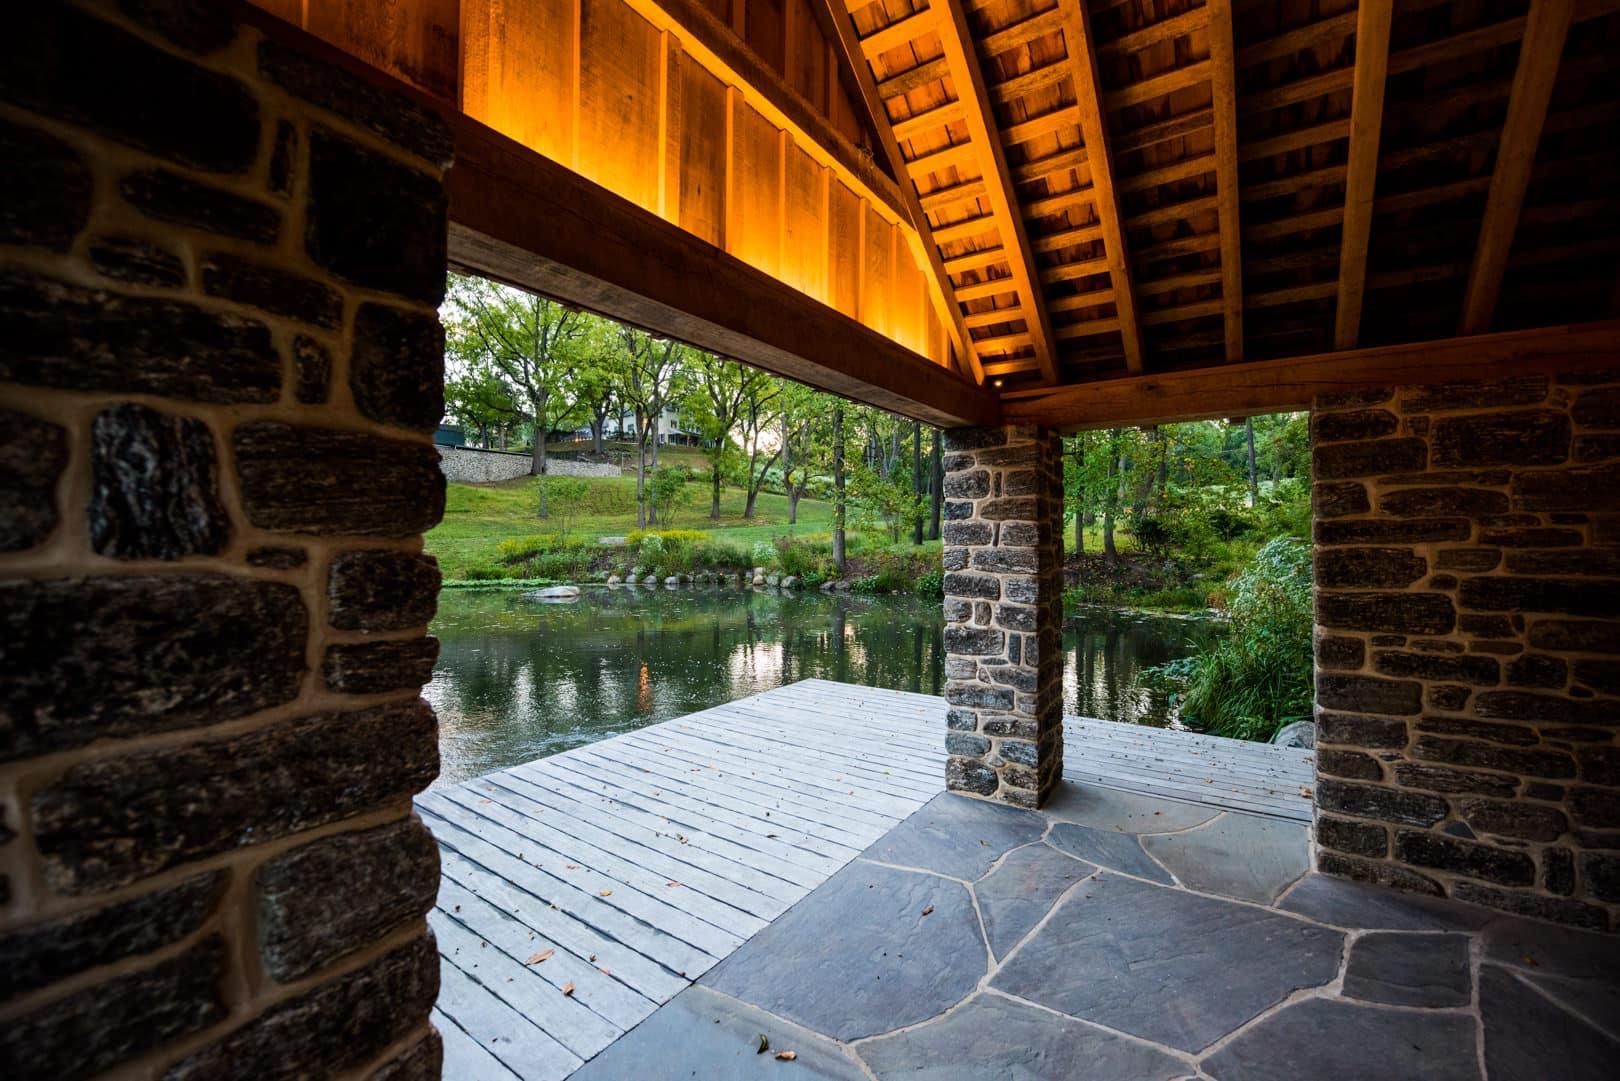 Jack's Pond